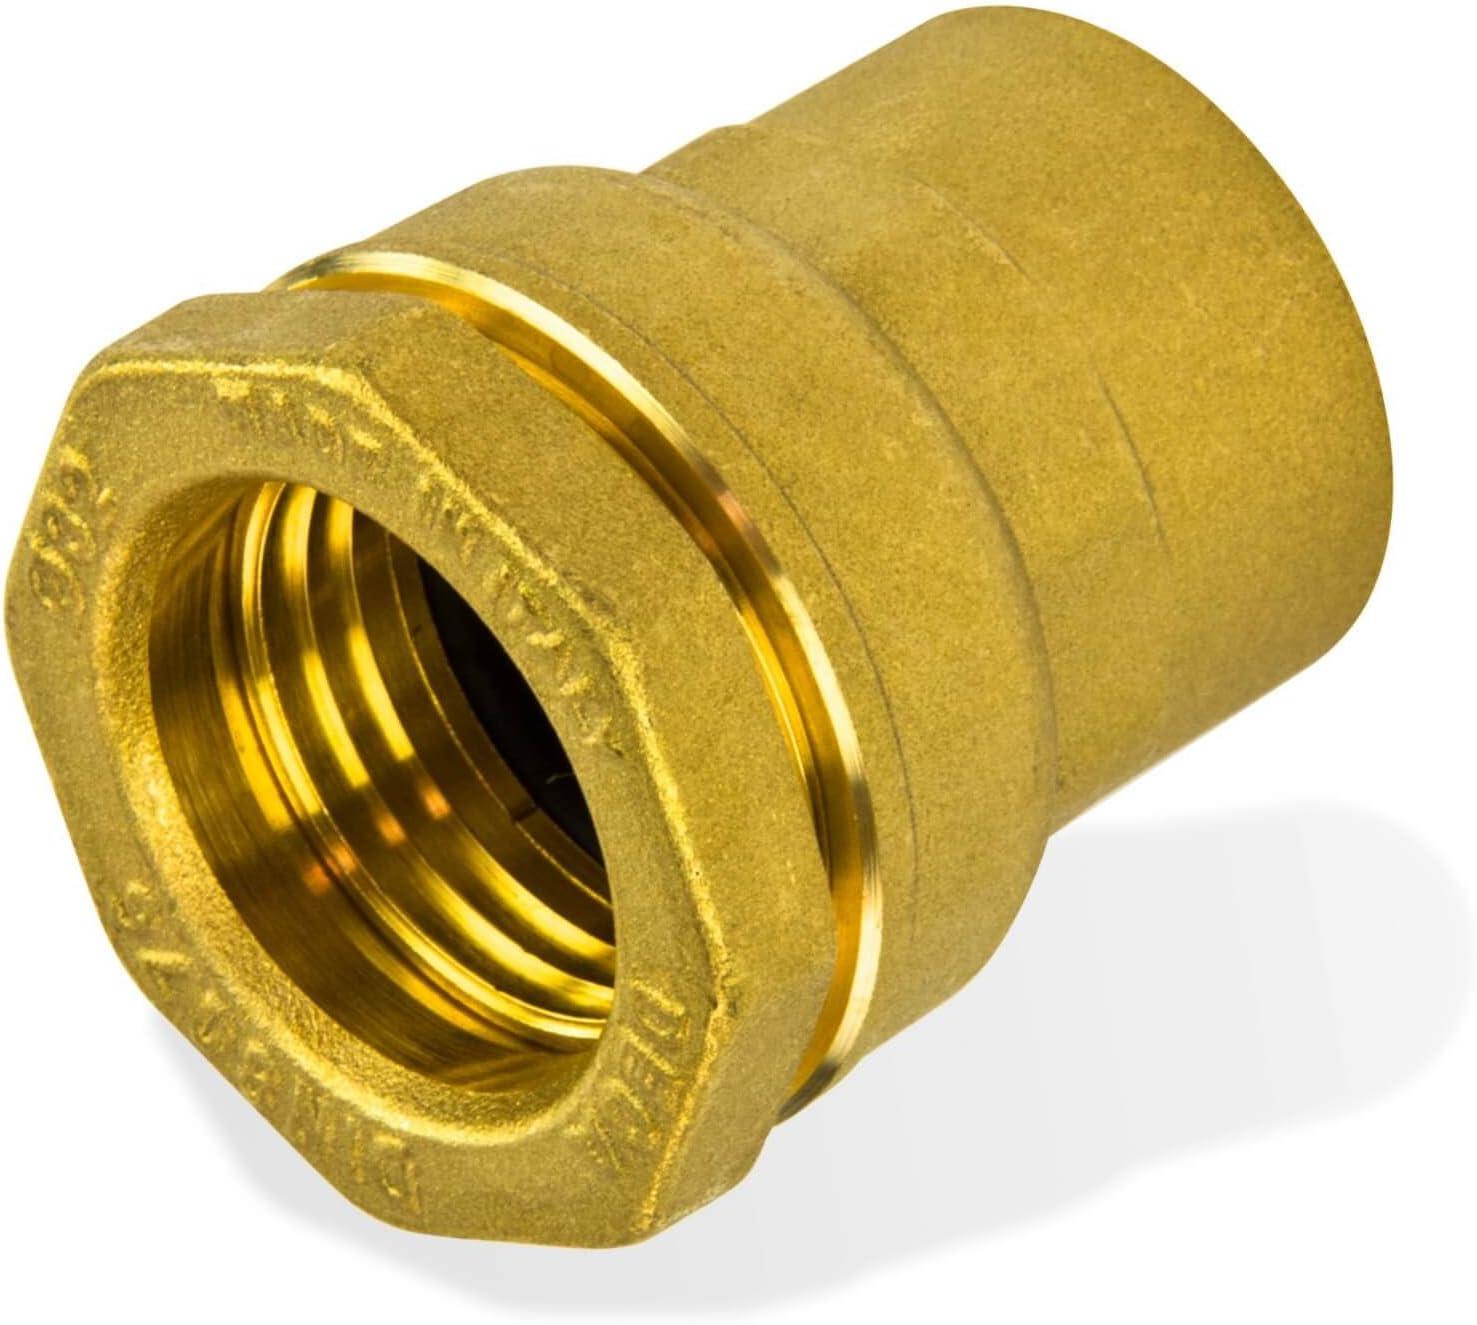 PE Rohr Verschraubung Klemmverbinder Anschlussverschraubung 20 25 32 mm IG undAG